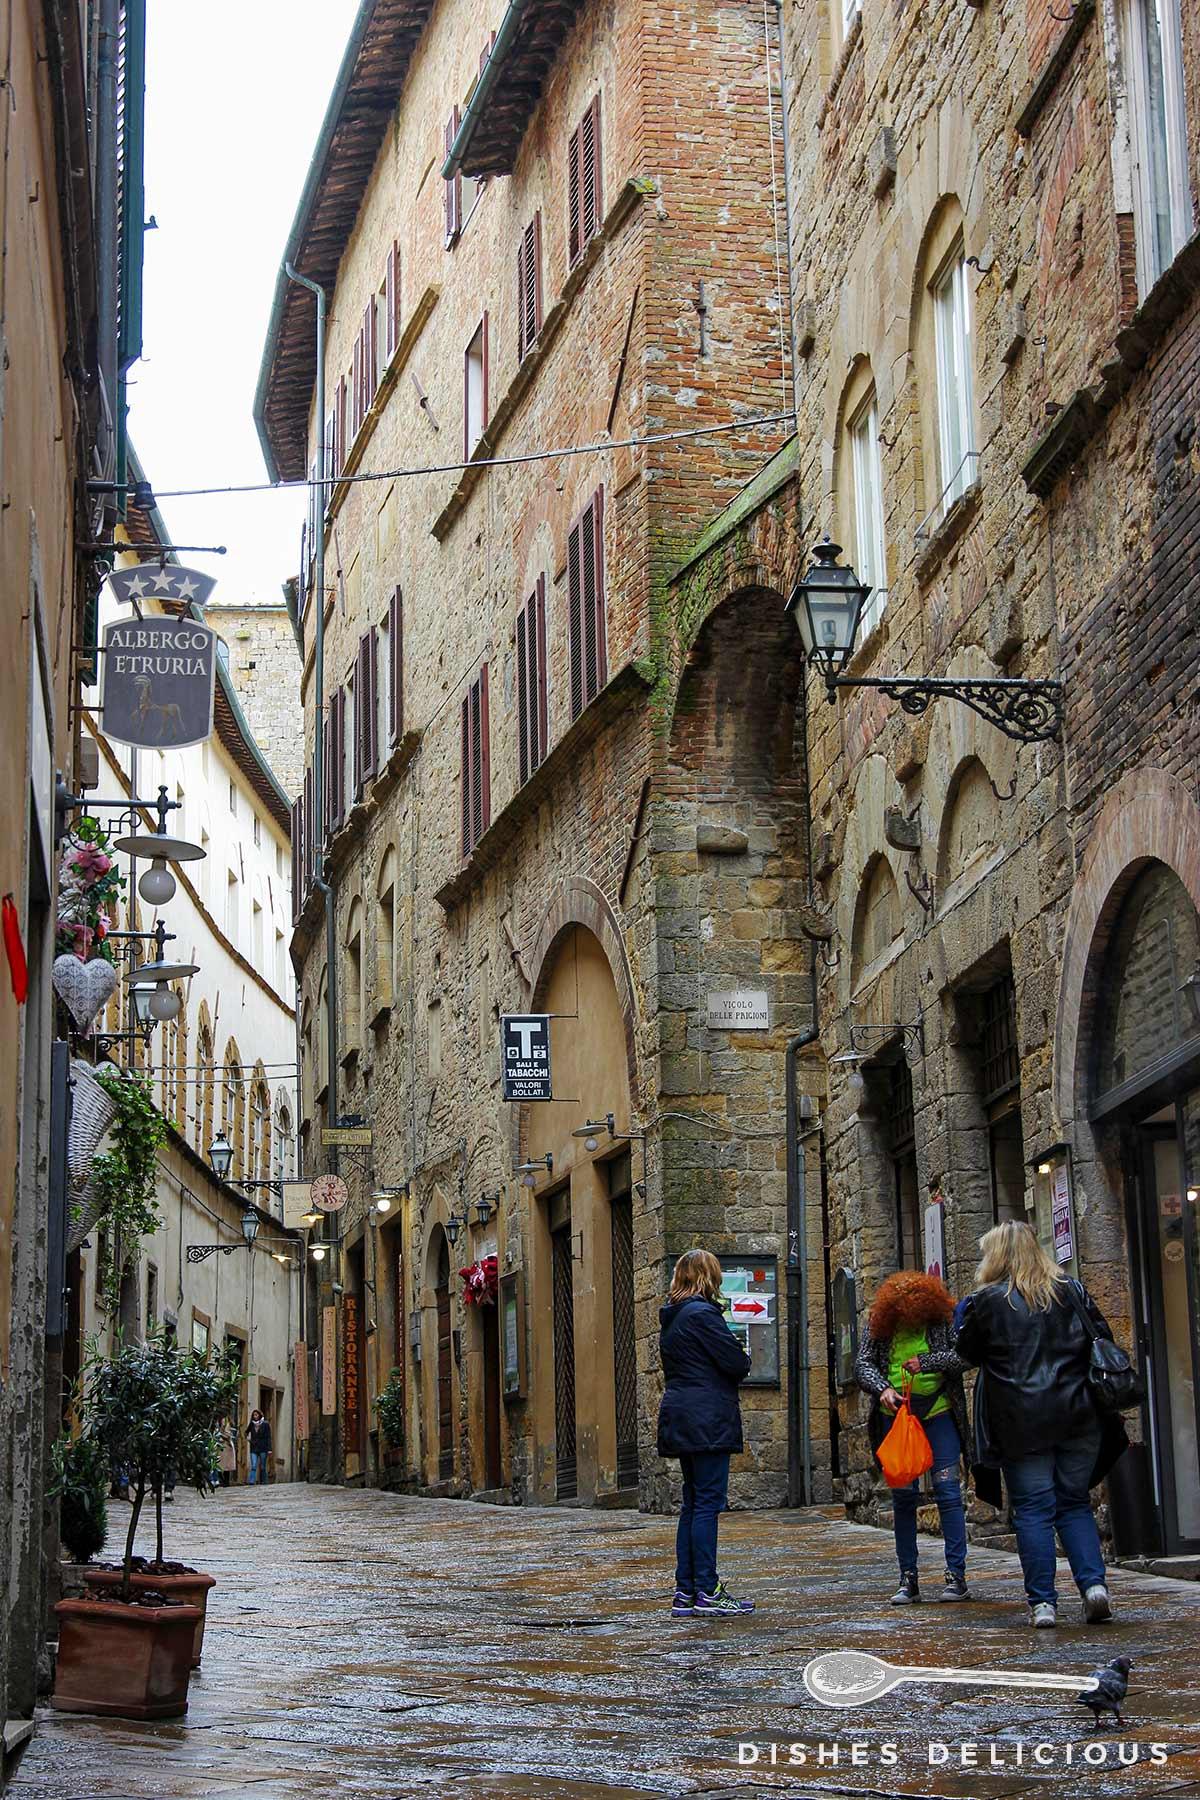 Foto einer Straße in Volterra mit hohen Palazzi aus dunklem Stein.